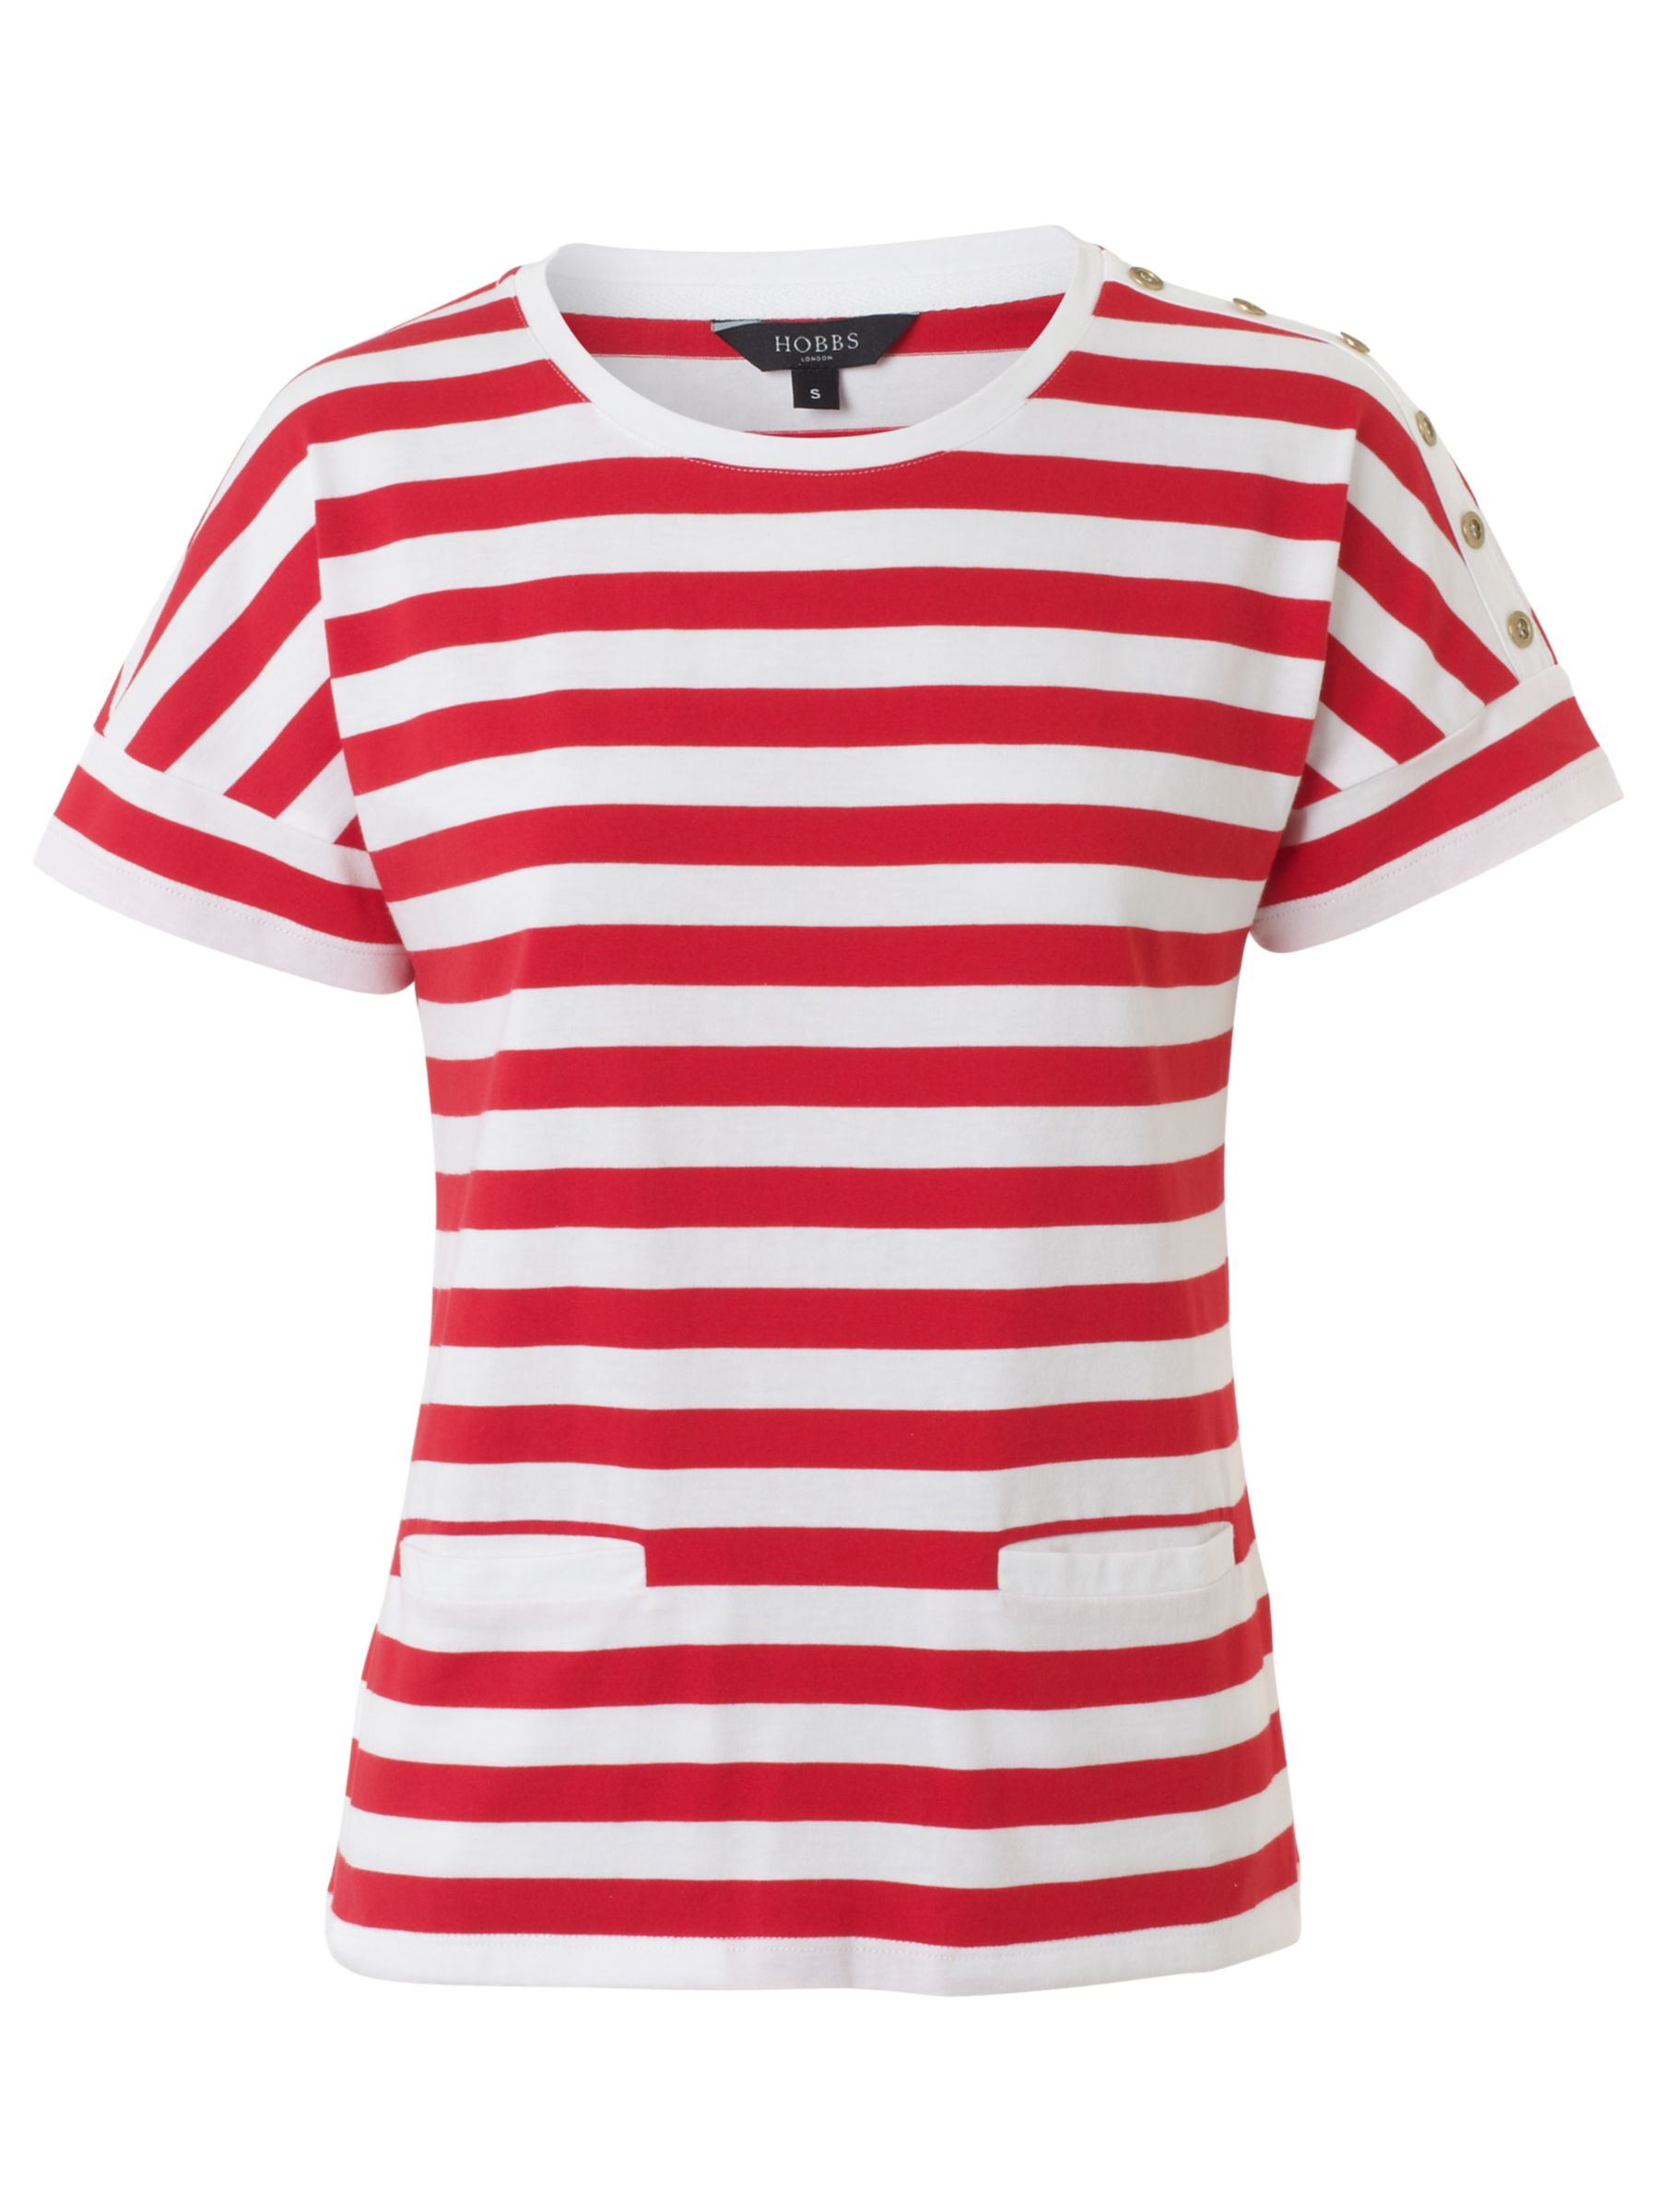 Sal T-Shirt, Cherry/White